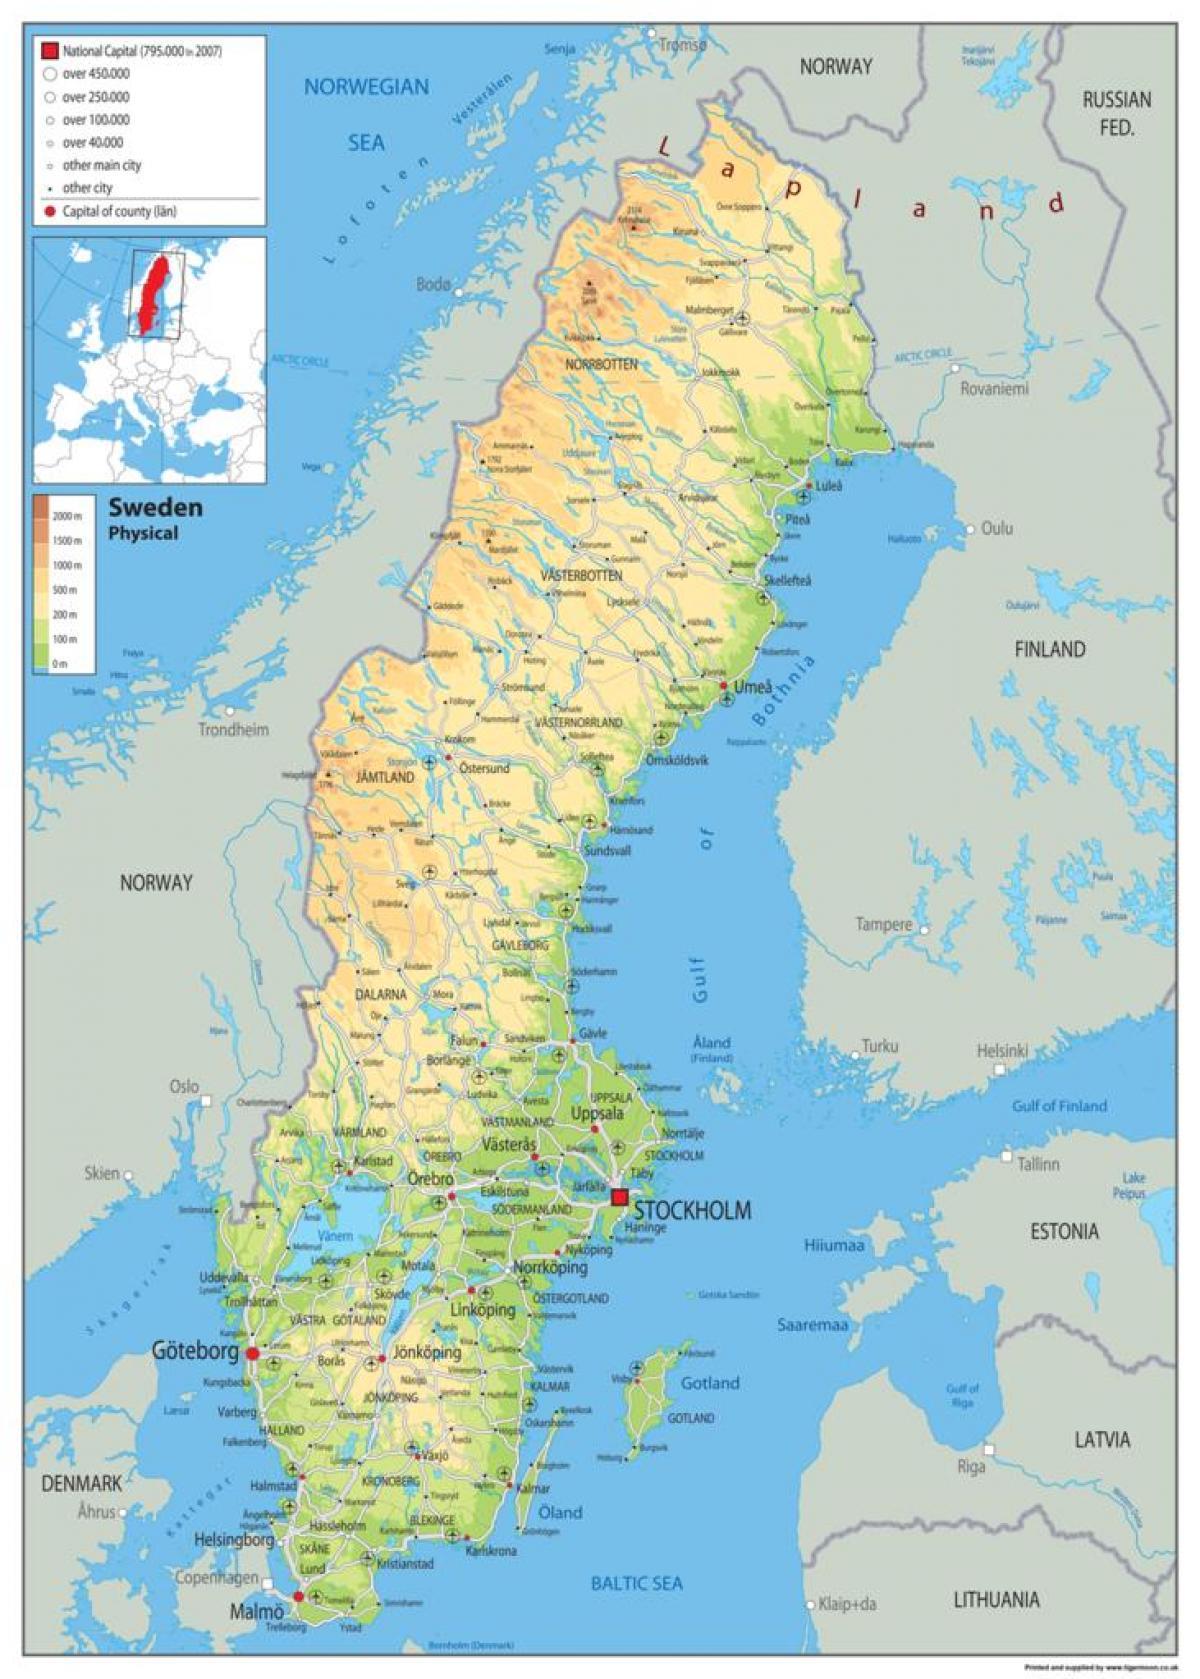 Cartina Della Svezia.Svezia Mappa Fisica Fisica Mappa Di Svezia Europa Del Nord Europa